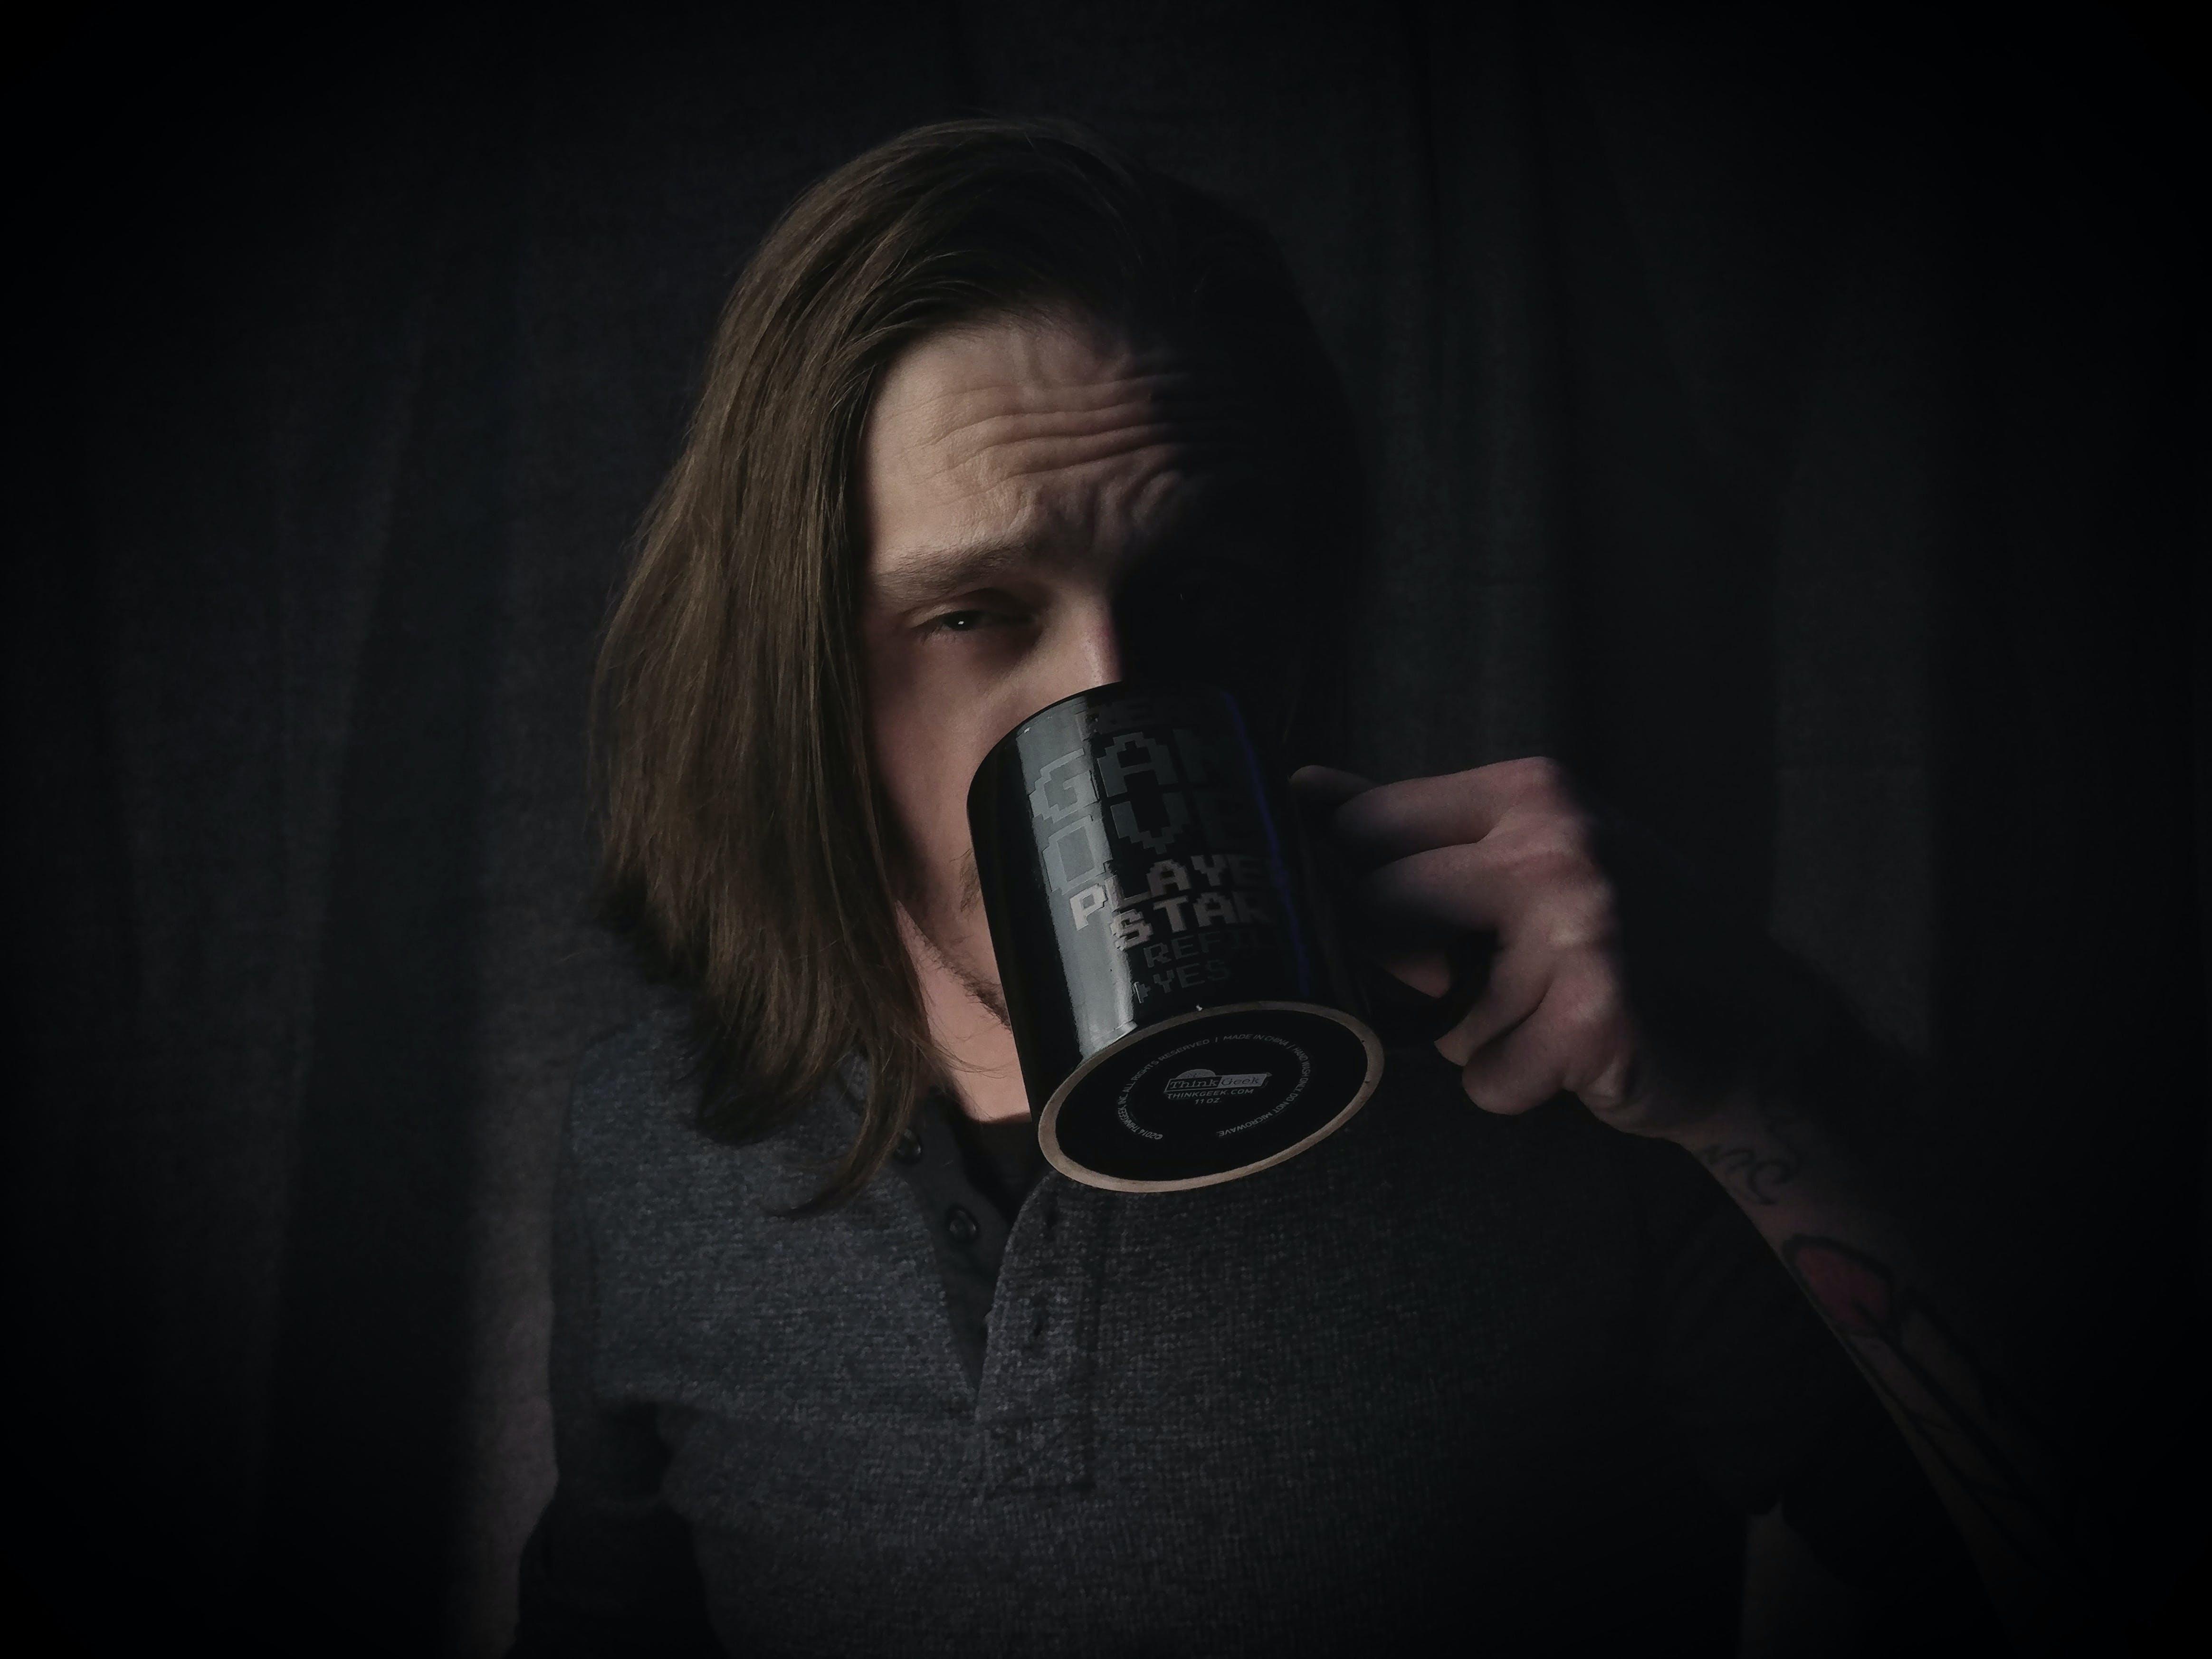 Man Wearing Black Dress Shirt Holding Black Ceramic Mug